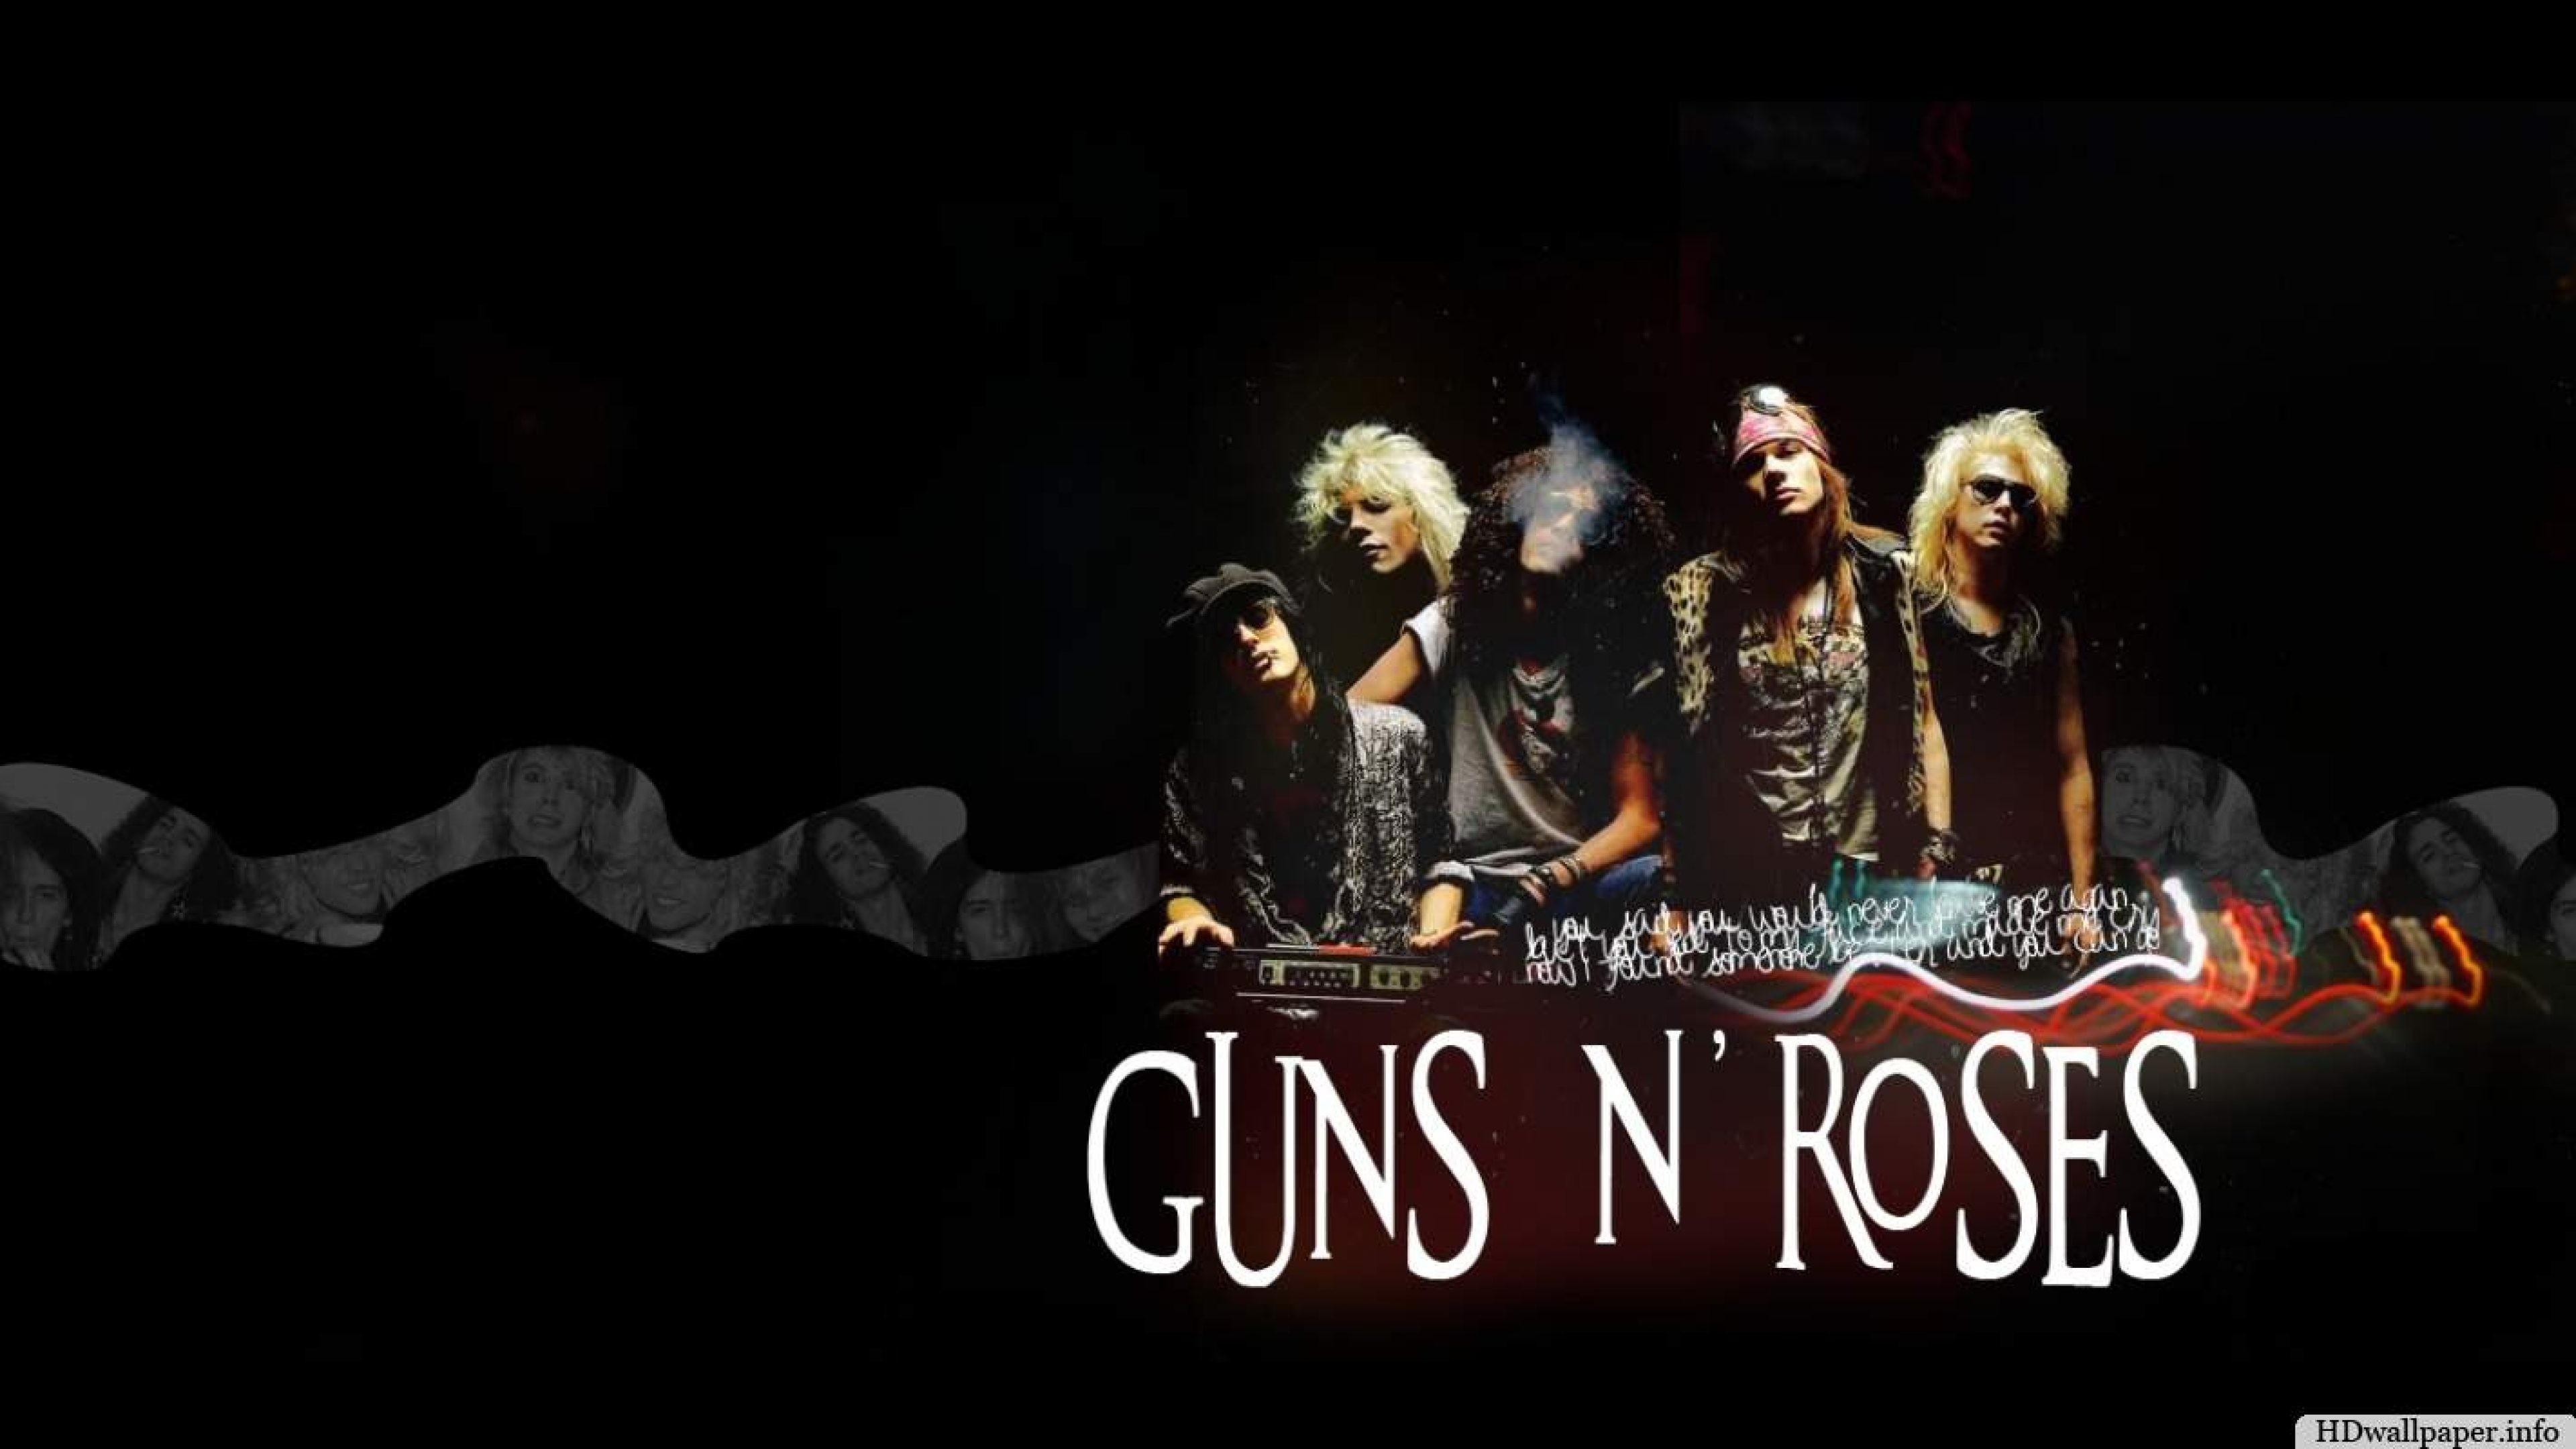 Guns N Roses Iphone Wallpaper 57 Images